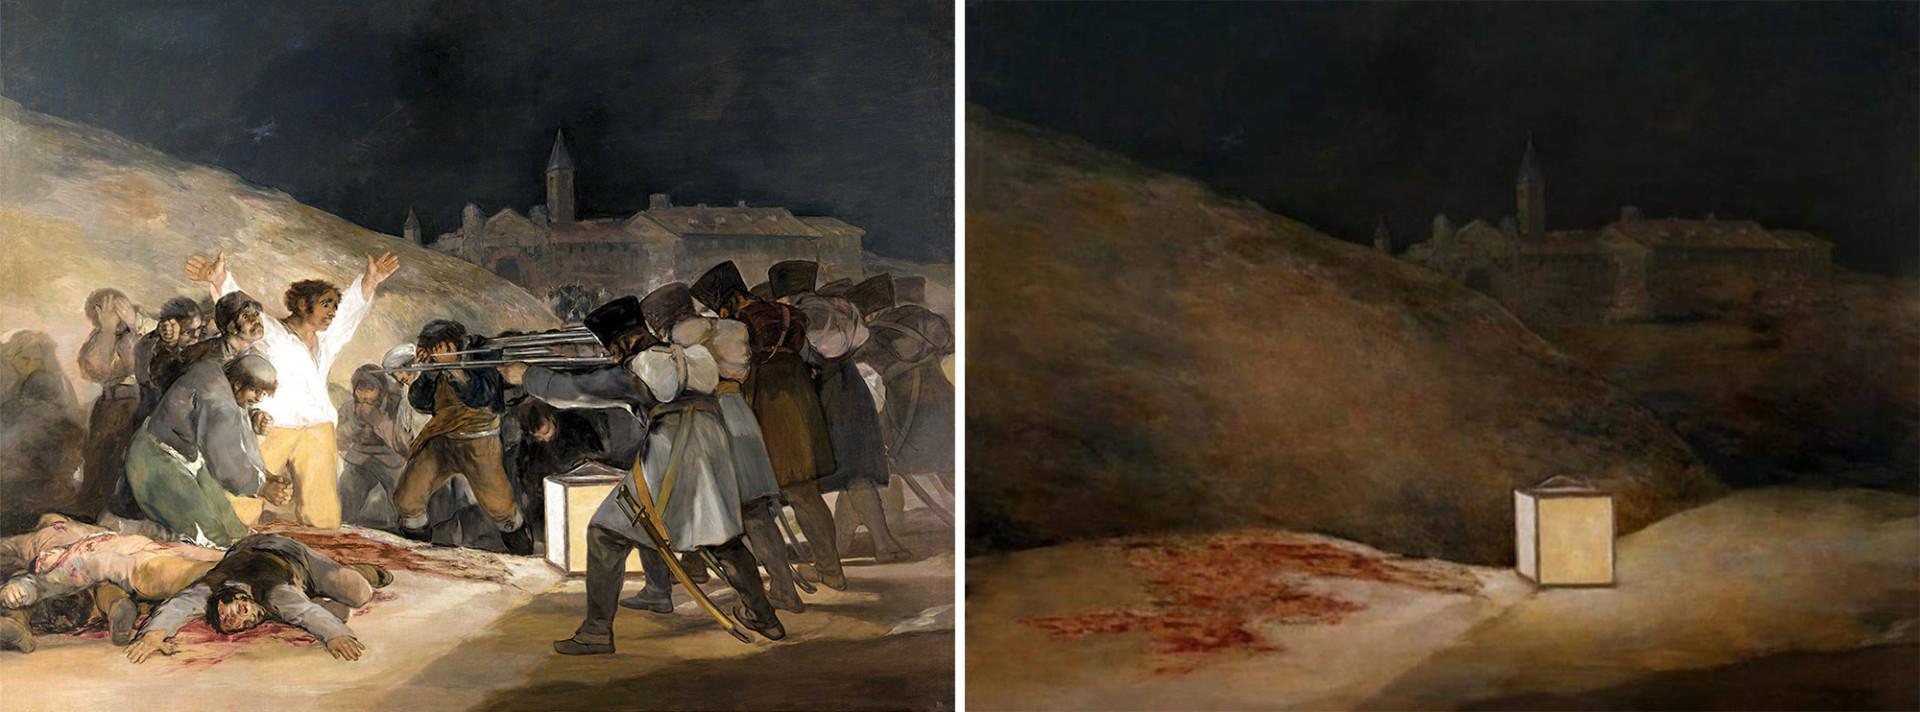 «Третье мая 1808 года в Мадриде», Франсиско Гойя, 1814 г.